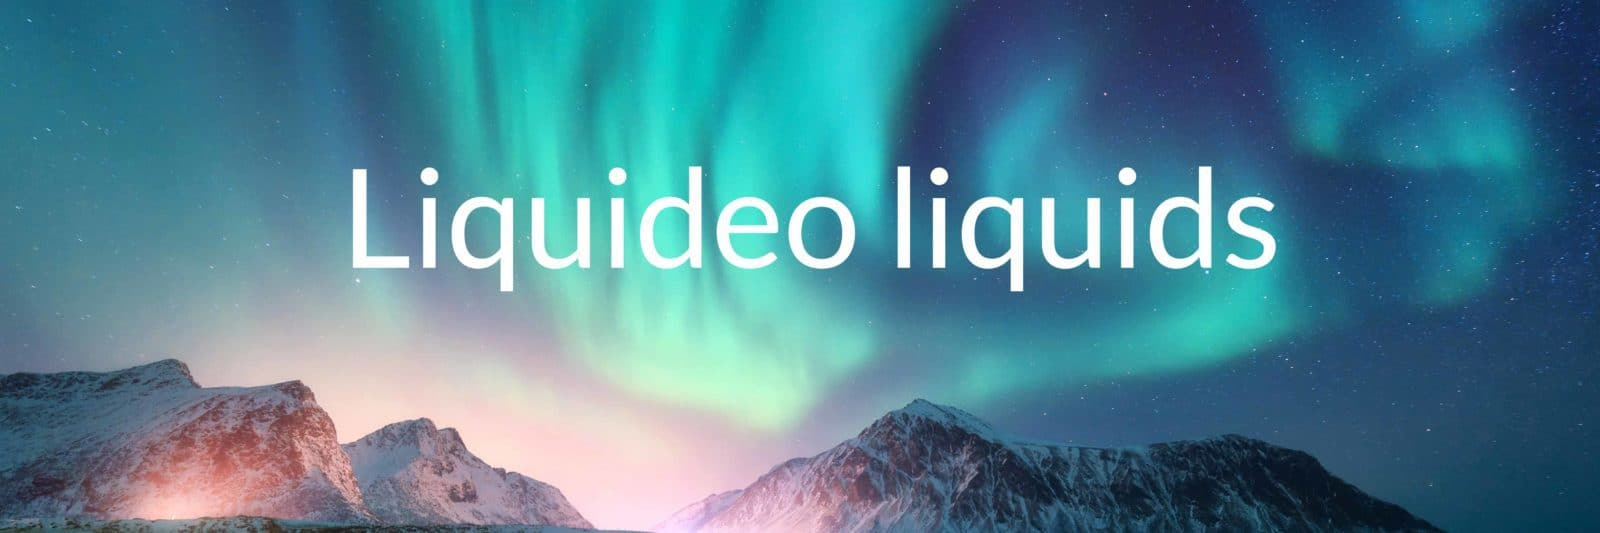 Liquideo liquids